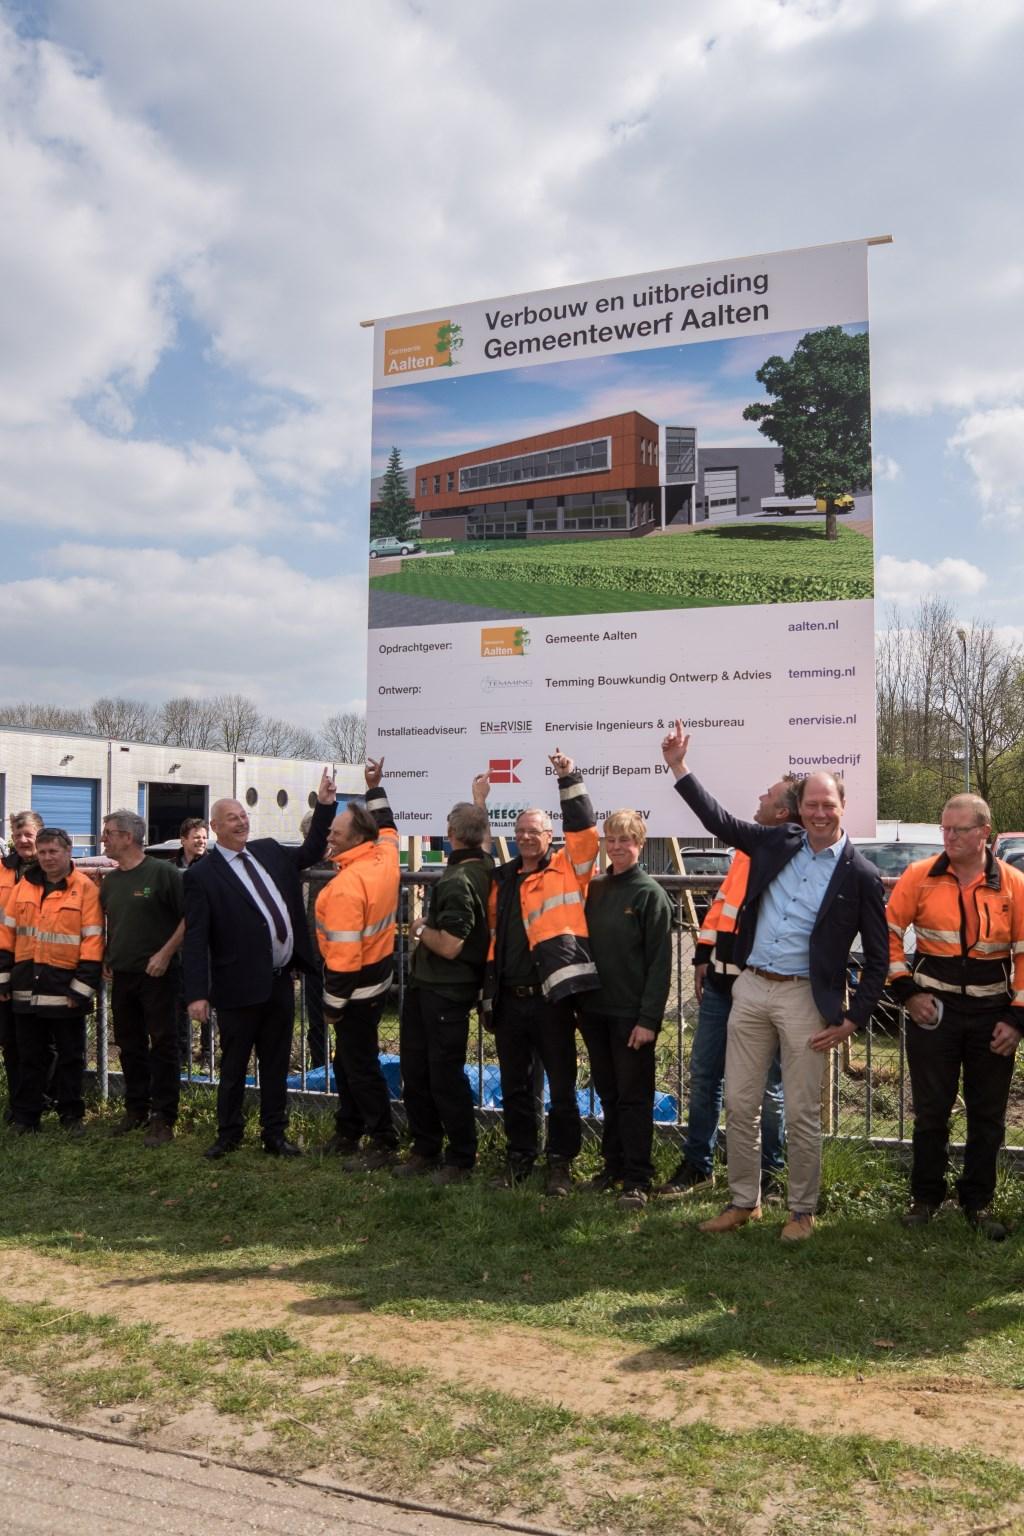 De wethouders Martin Veldhuizen en Ted Kok reageren enthousiast op de start van het project. Foto: Marcel te Brake  © Achterhoek Nieuws b.v.